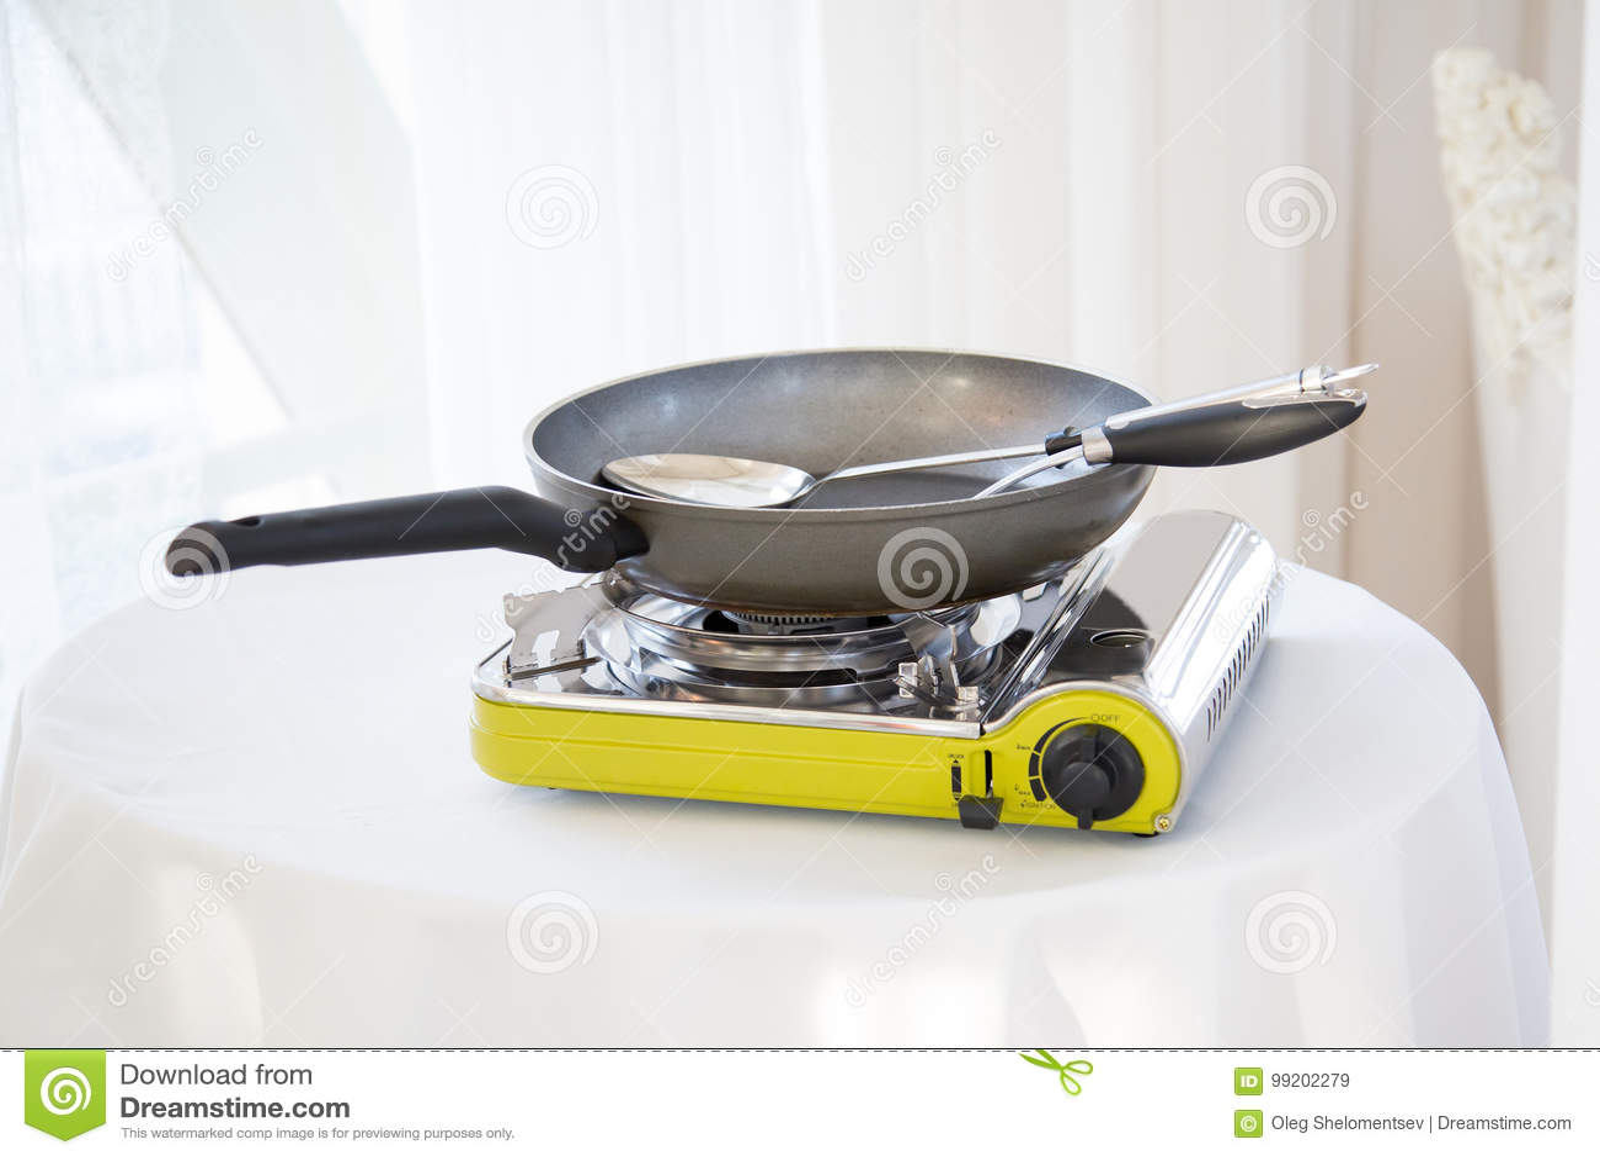 Tragbarer Gasherd Auf Dem Tisch Stockbild Bild Von Gerat Grill